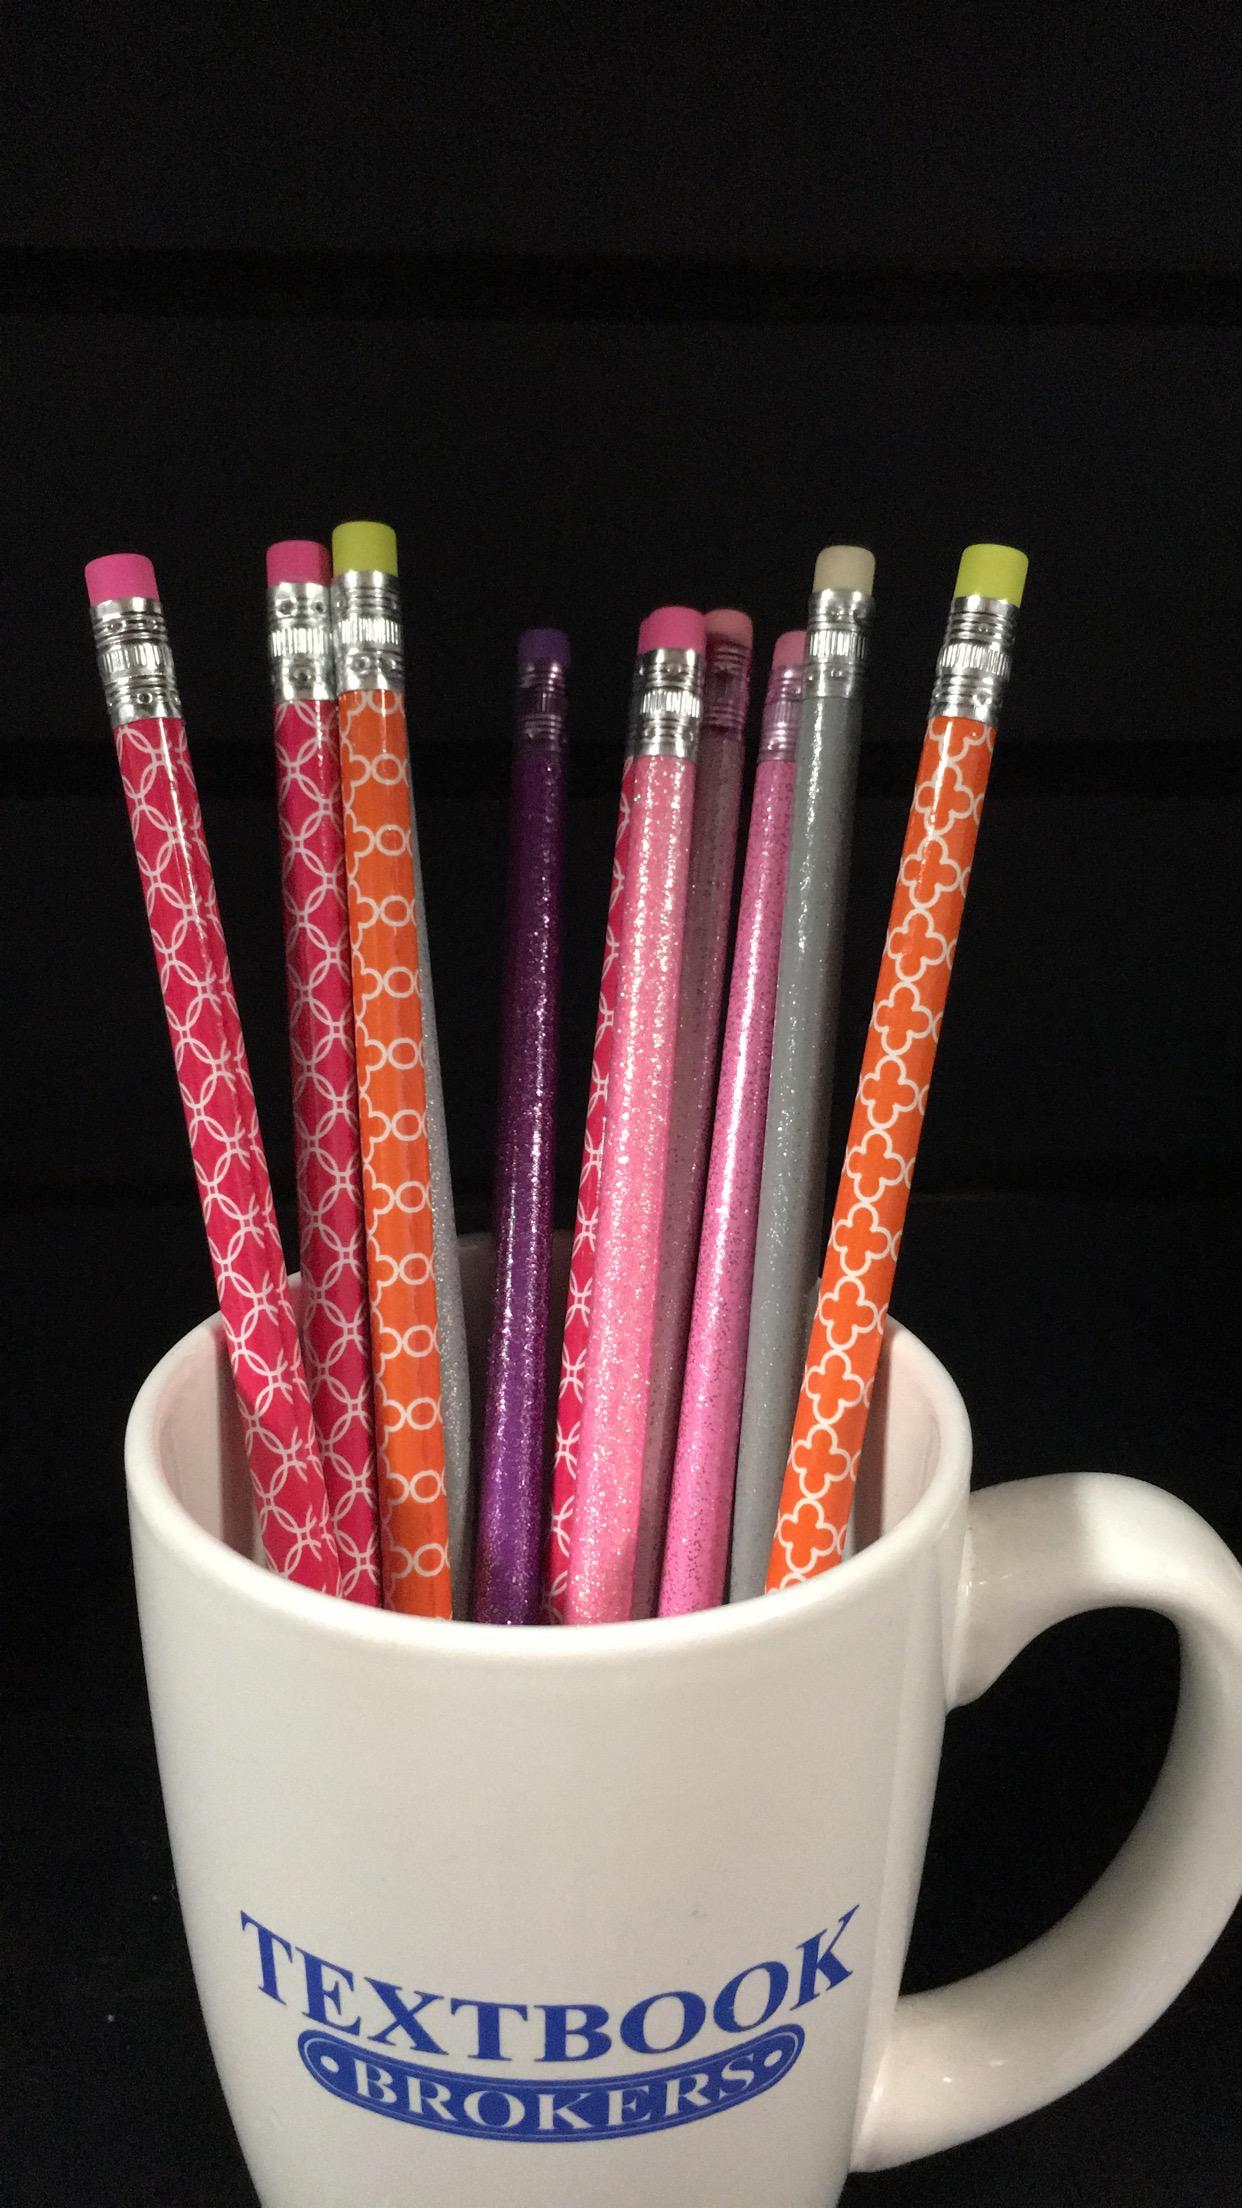 No. 2 Pencils